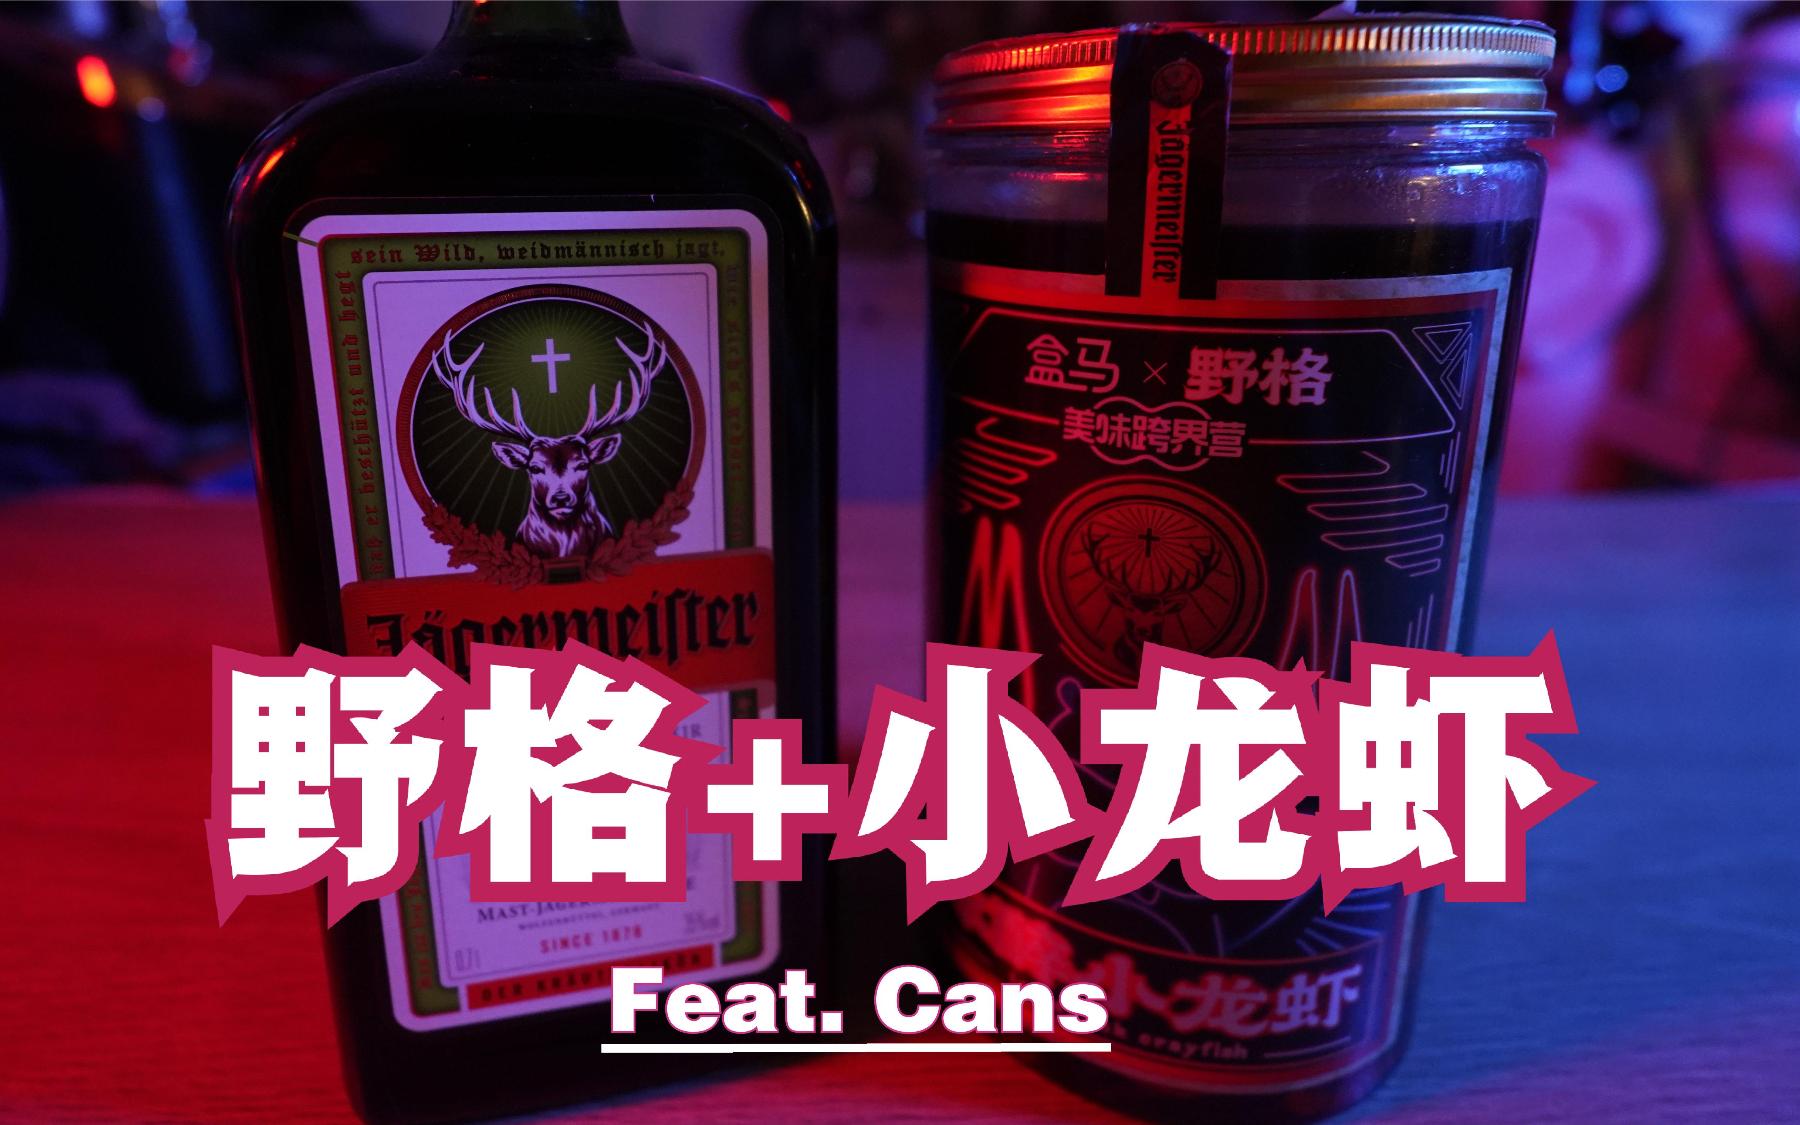 Vlog | 野格+小龙虾=断篇虾?嗯,咱想要的Vlog就是这个味!feat. Cans